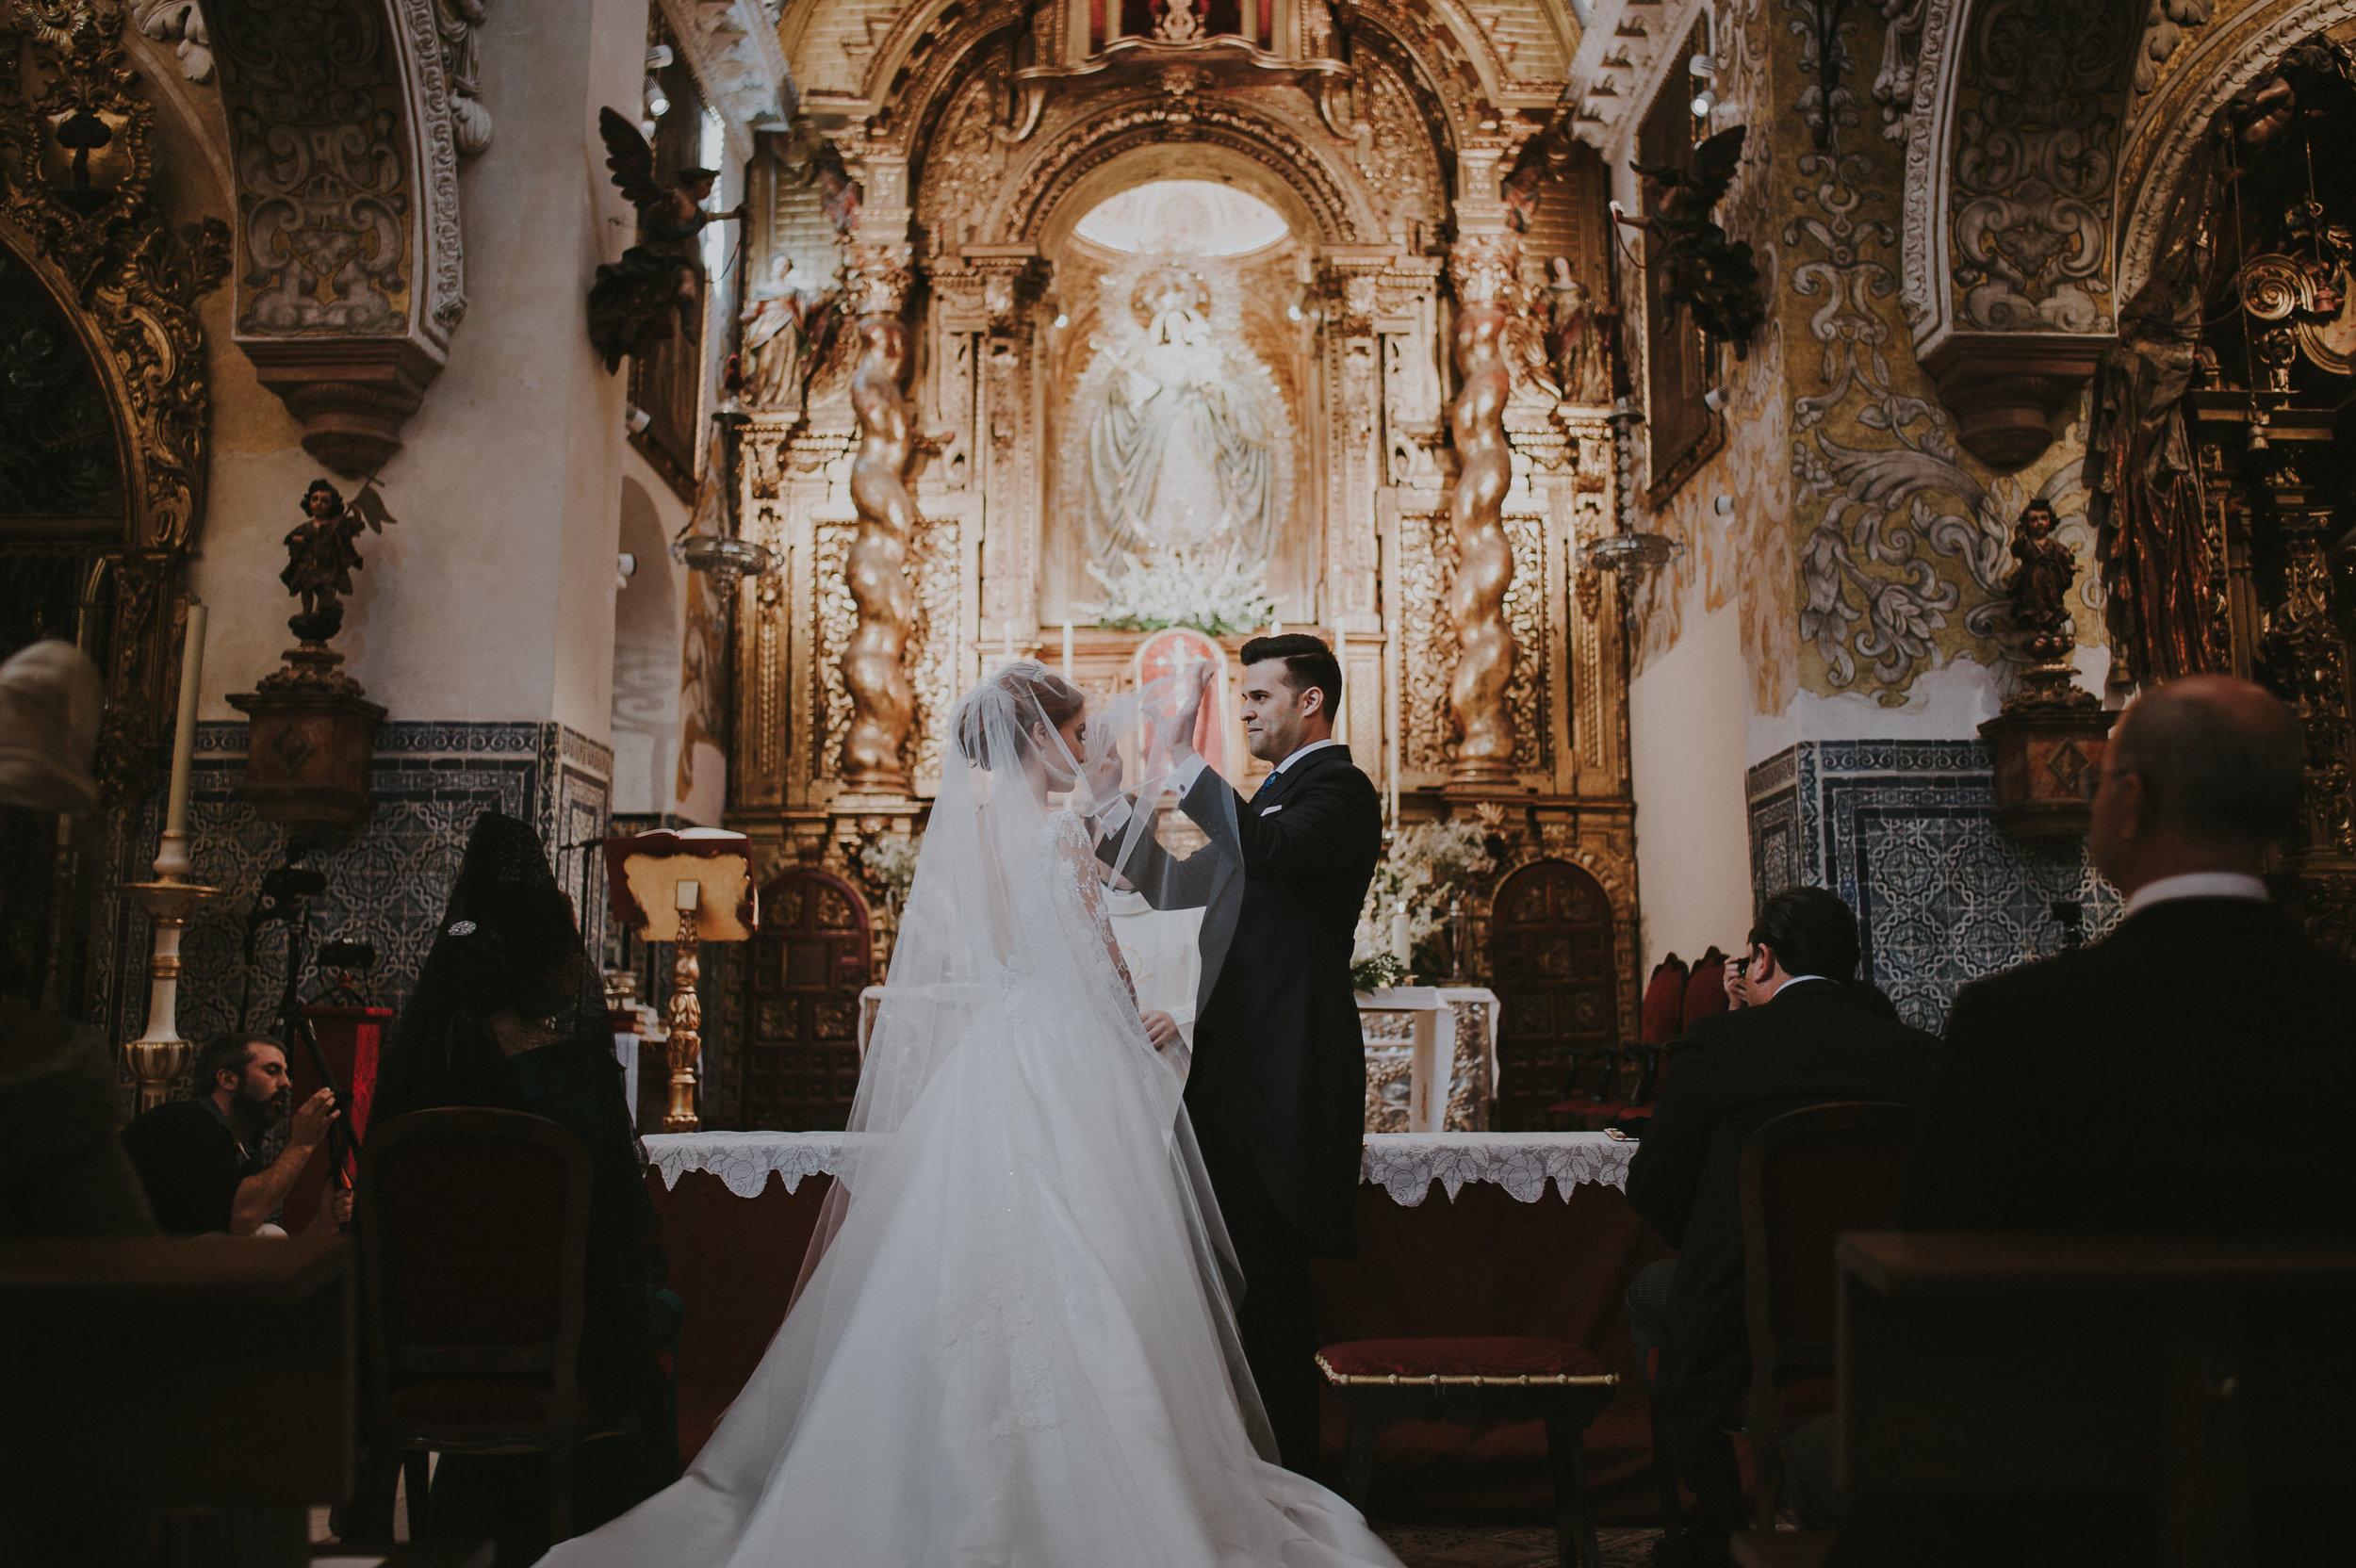 Andrés+Amarillo+fotografo+boda+Utrera+Dos+Hermanas+Santa+Maria+la+blanca+albaraca+Ivan+Campaña+los+tumbao (2).JPG